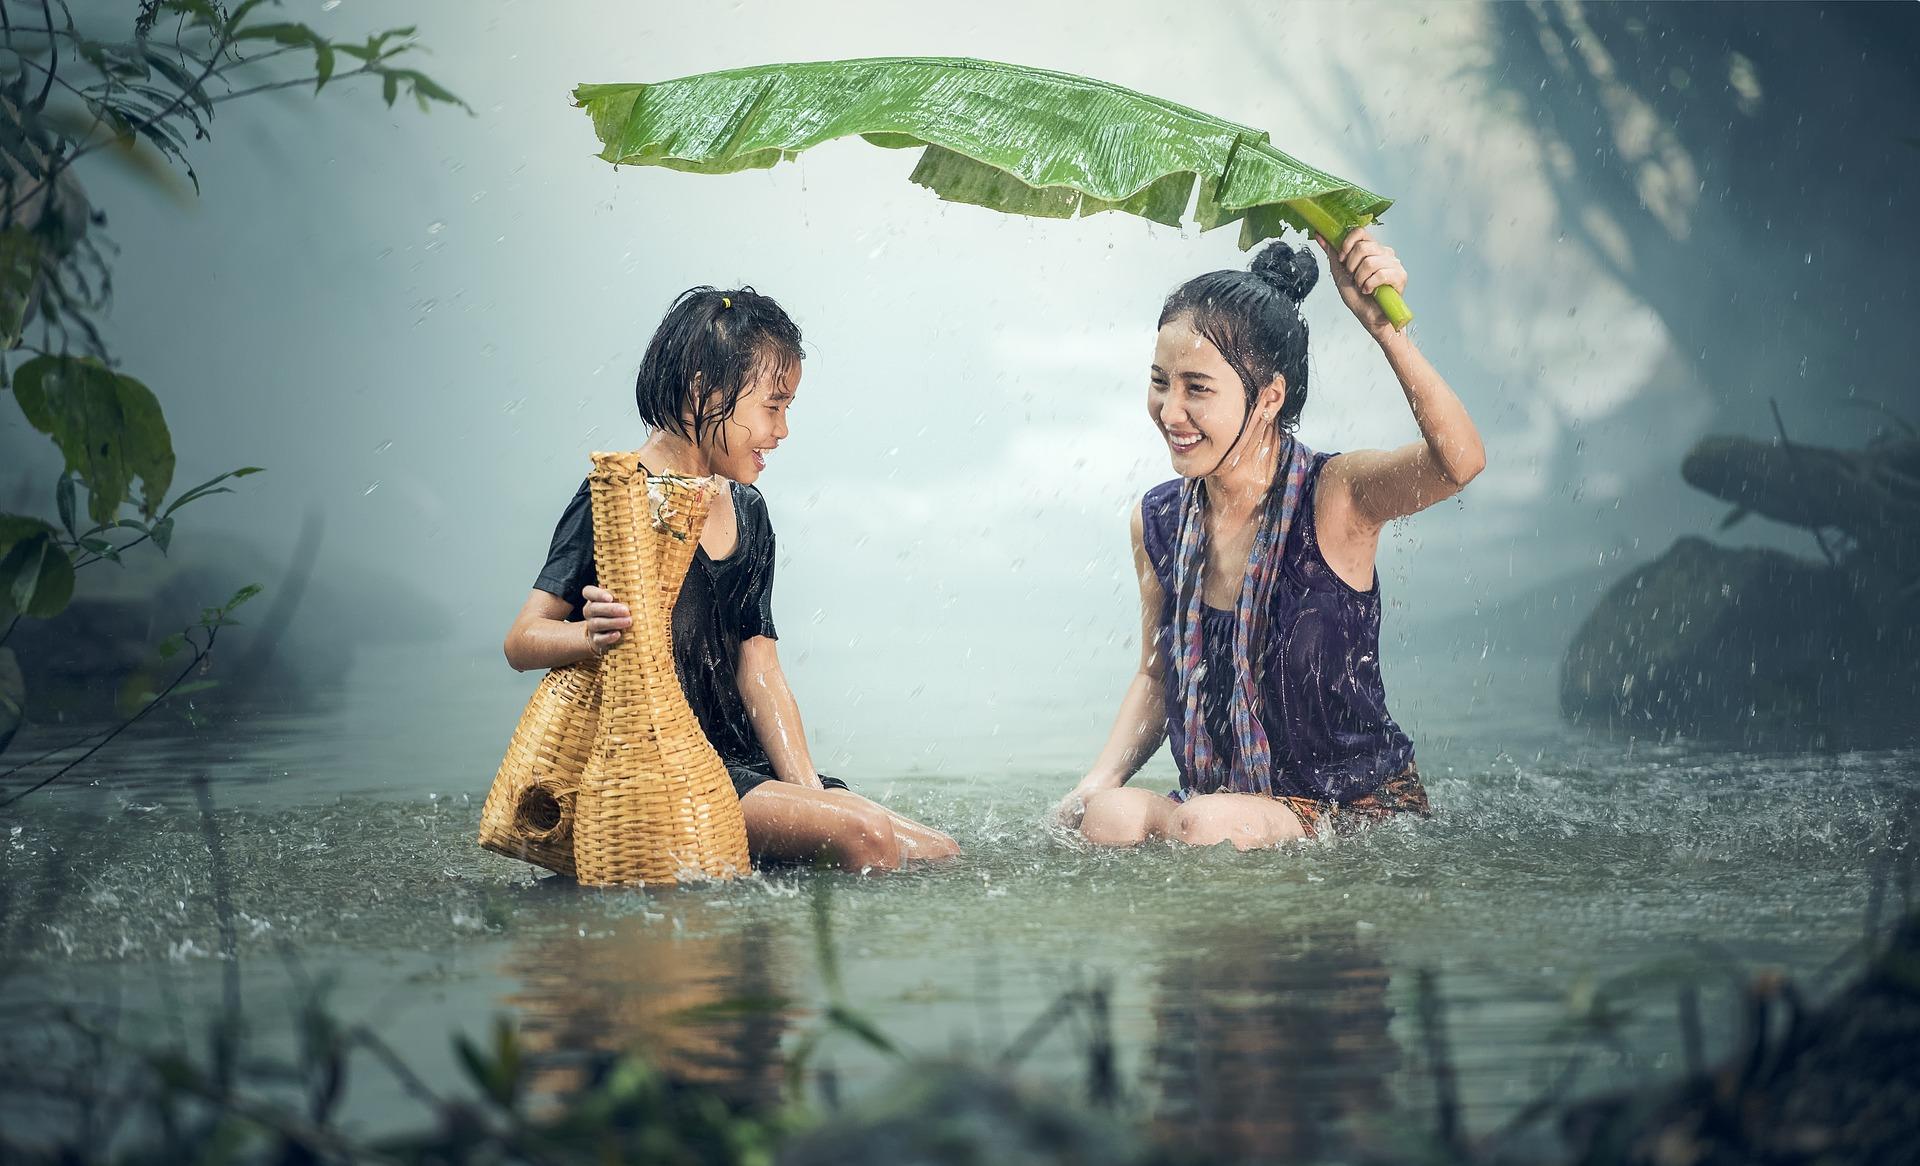 https://nurture-images.s3-us-west-2.amazonaws.com/pixa5.jpg